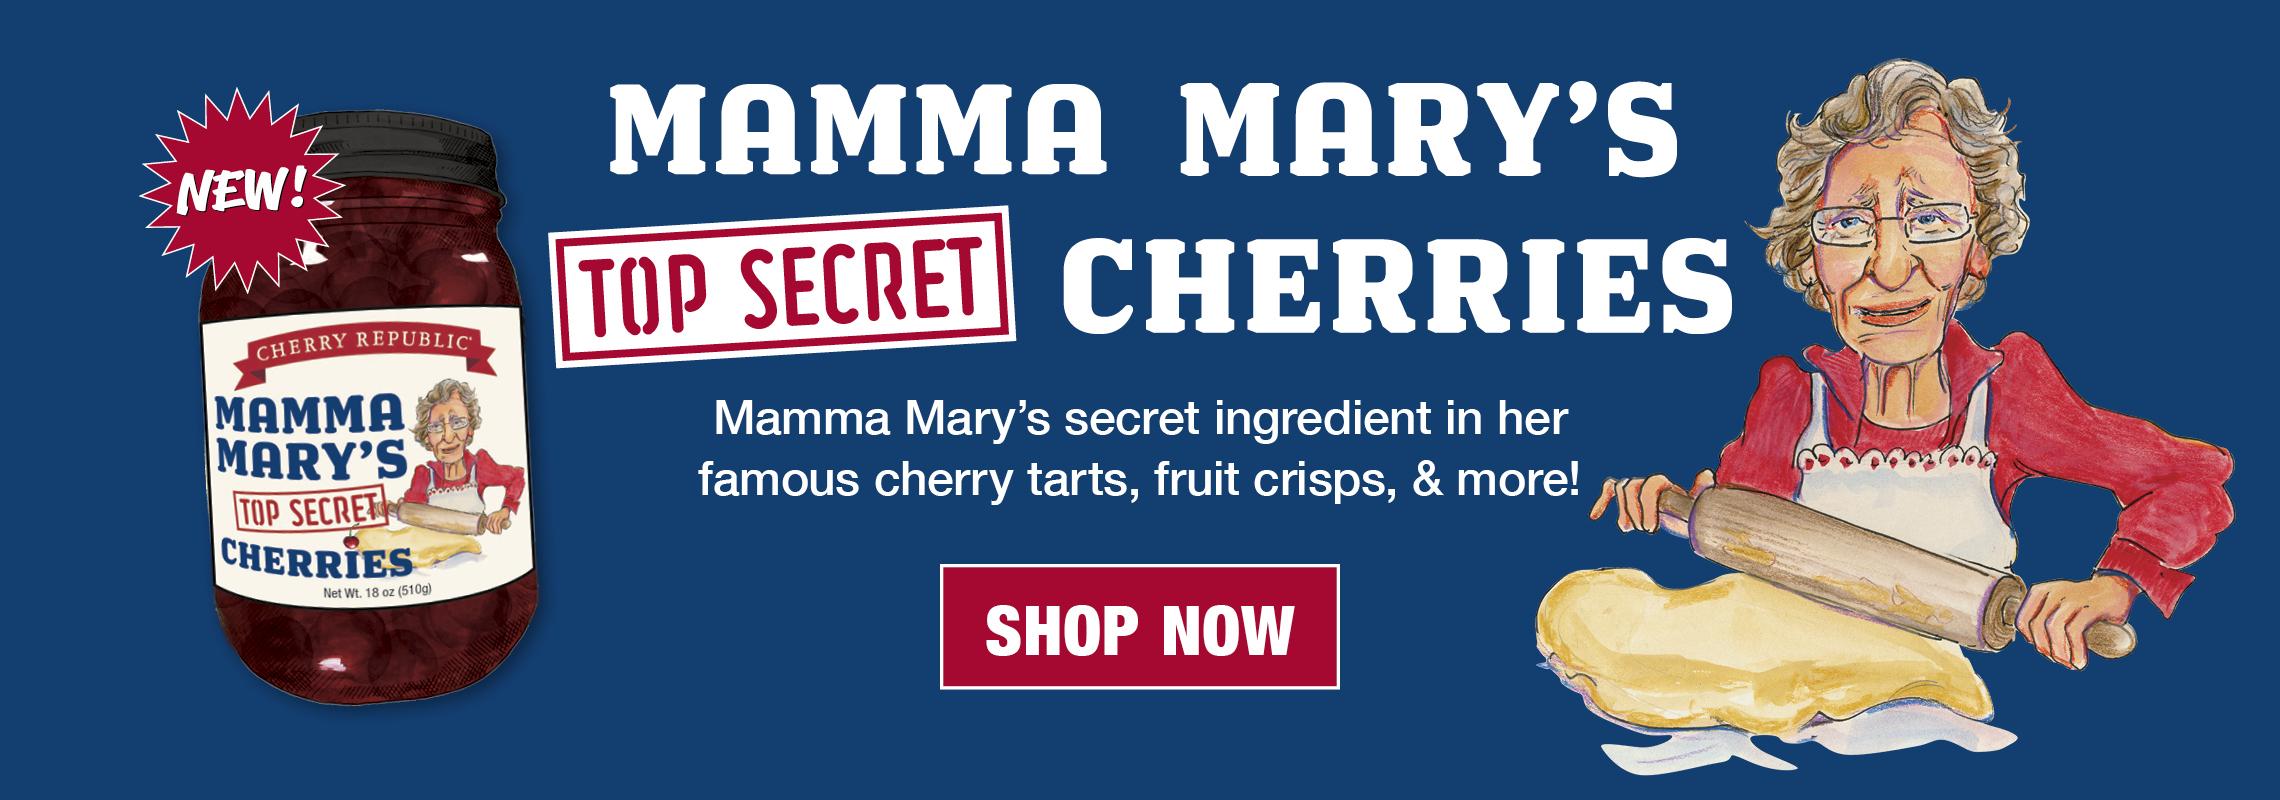 Mamma Mary's